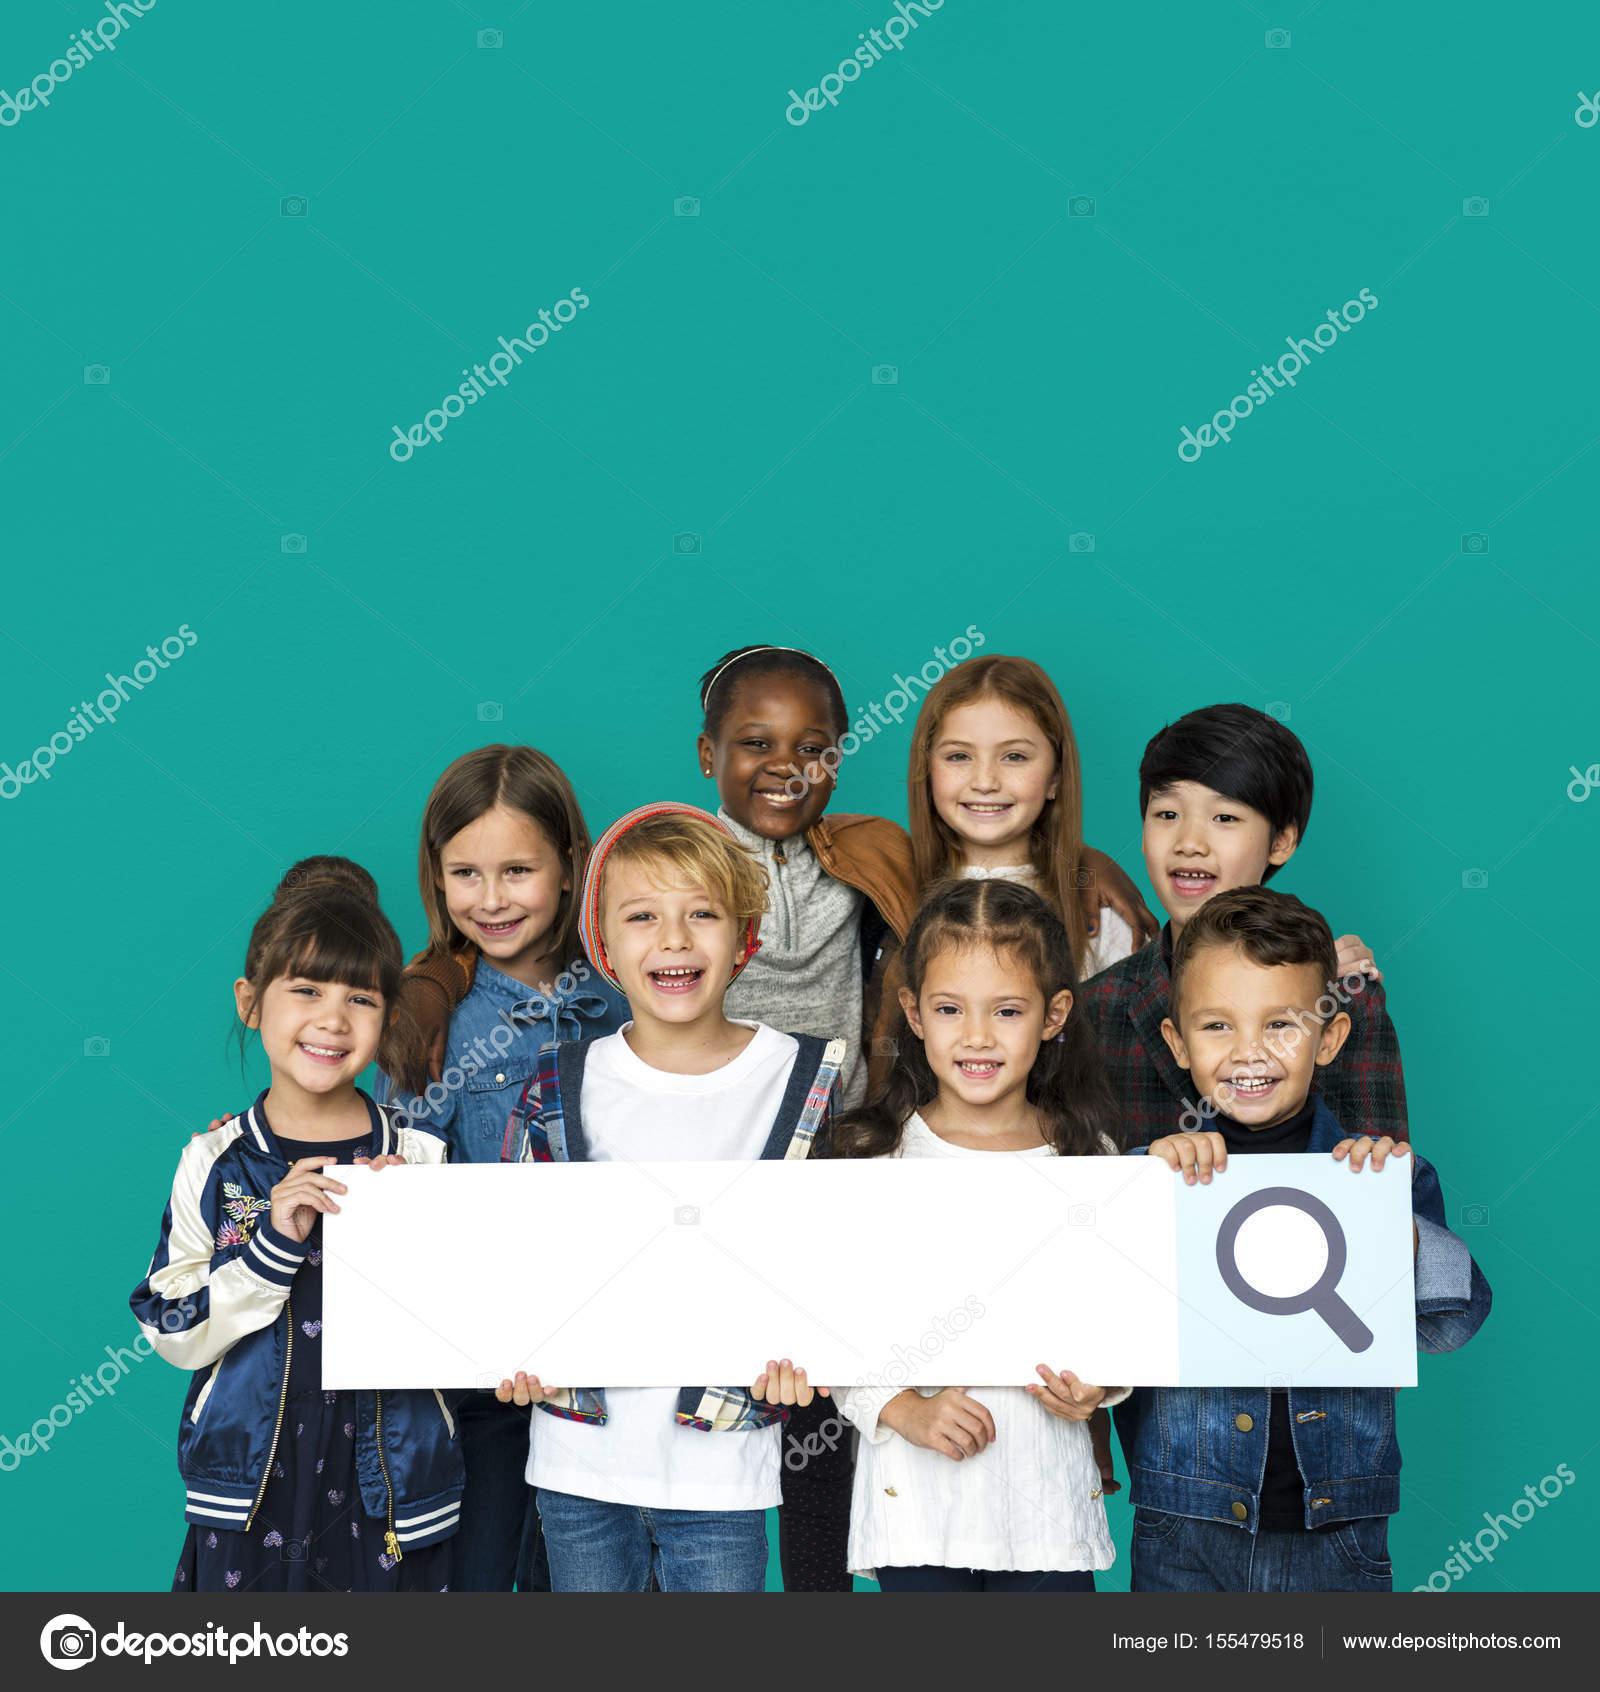 niños con el marco de la barra de búsqueda — Foto de stock ...